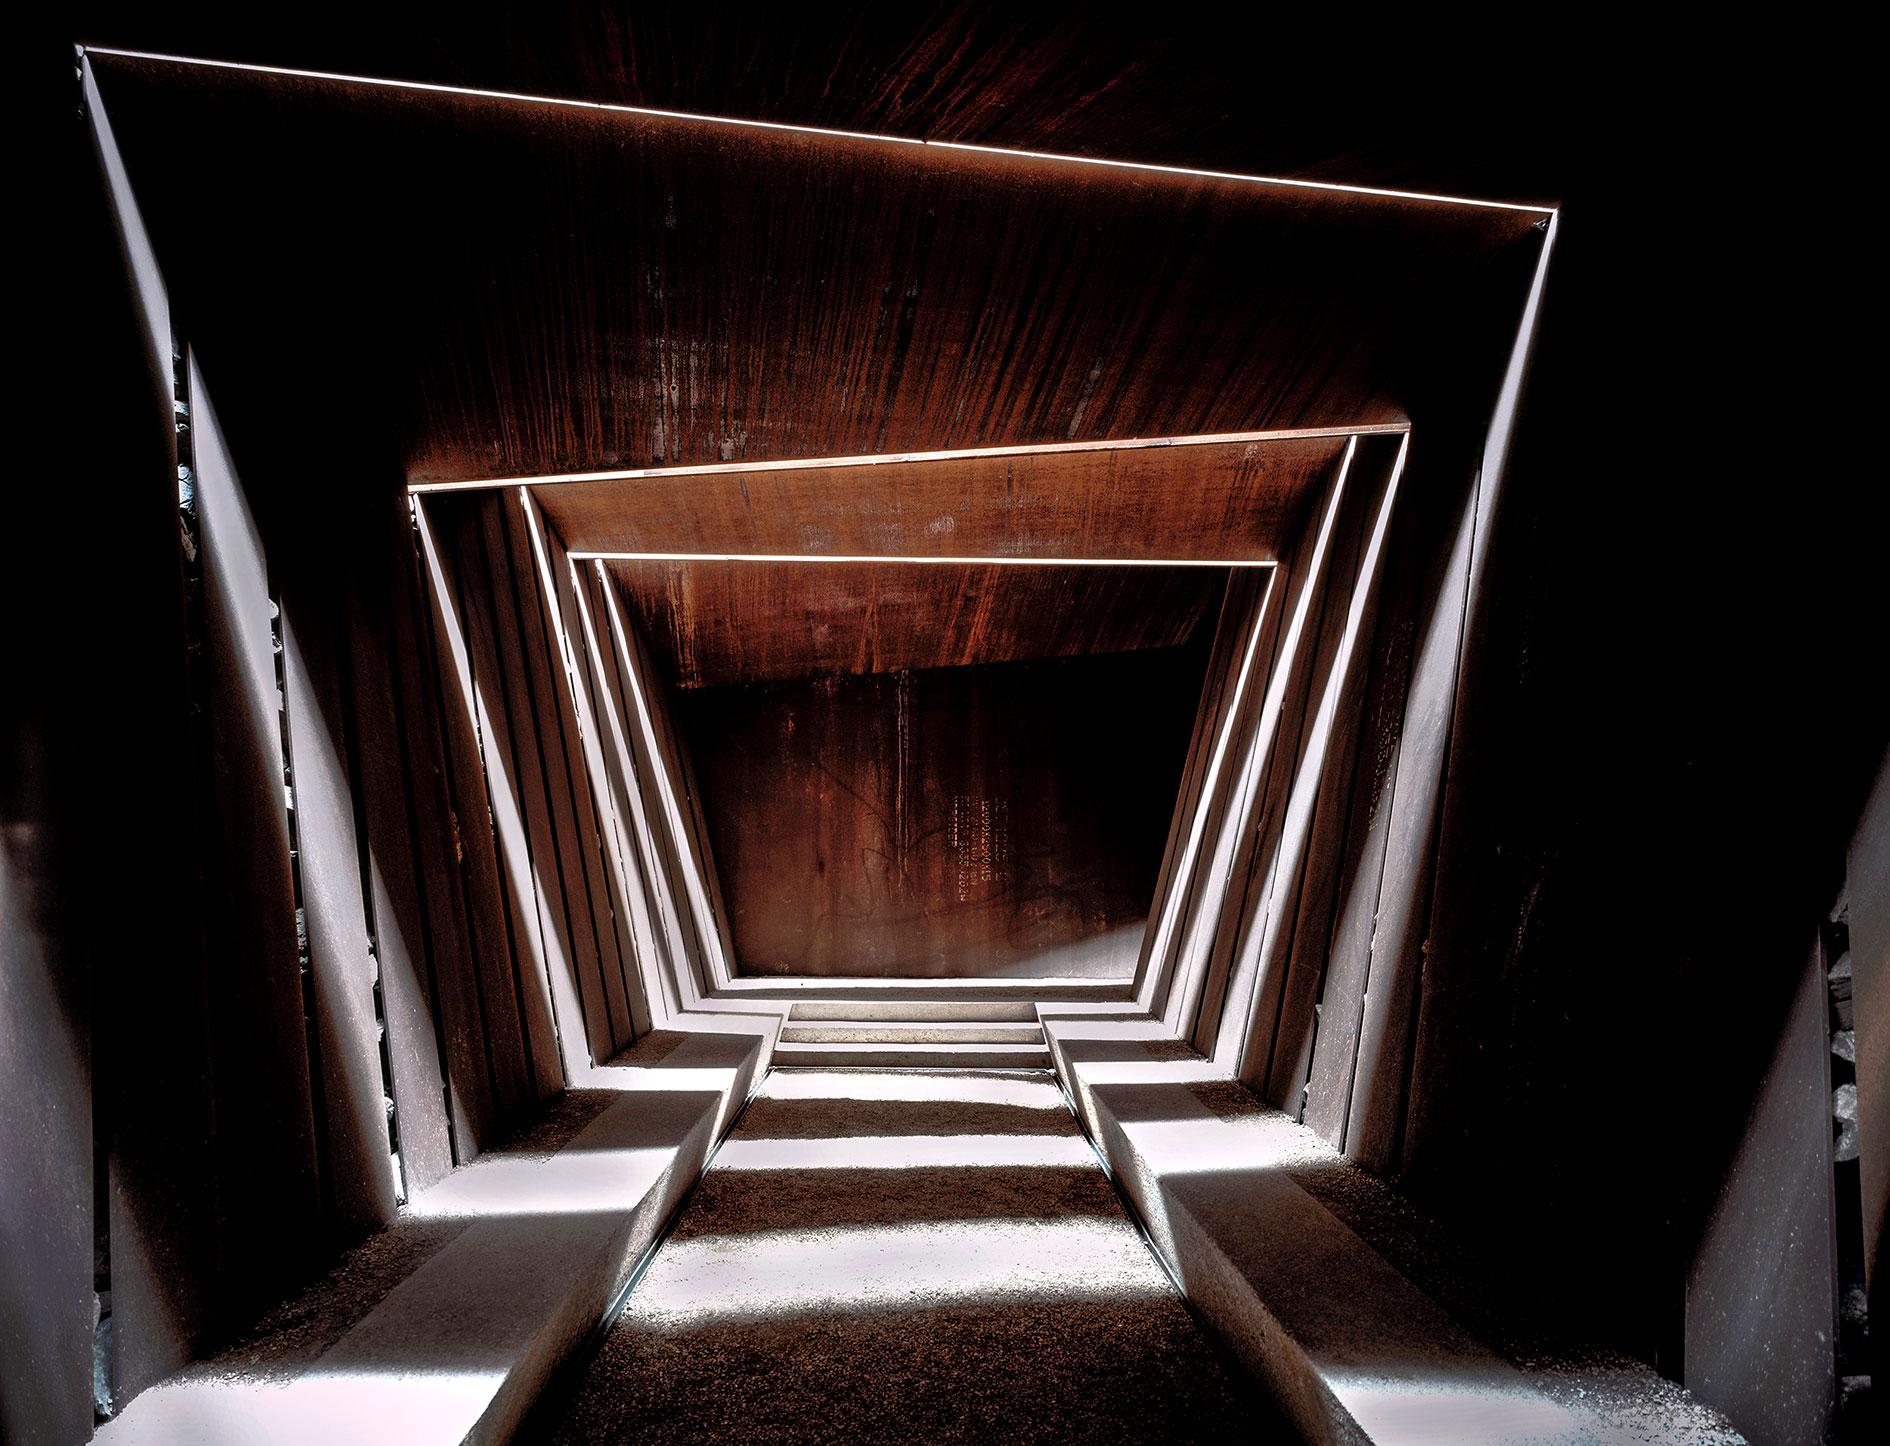 Bell-Lloc Winery, RCR Arquitectes, Pritzker-Preis